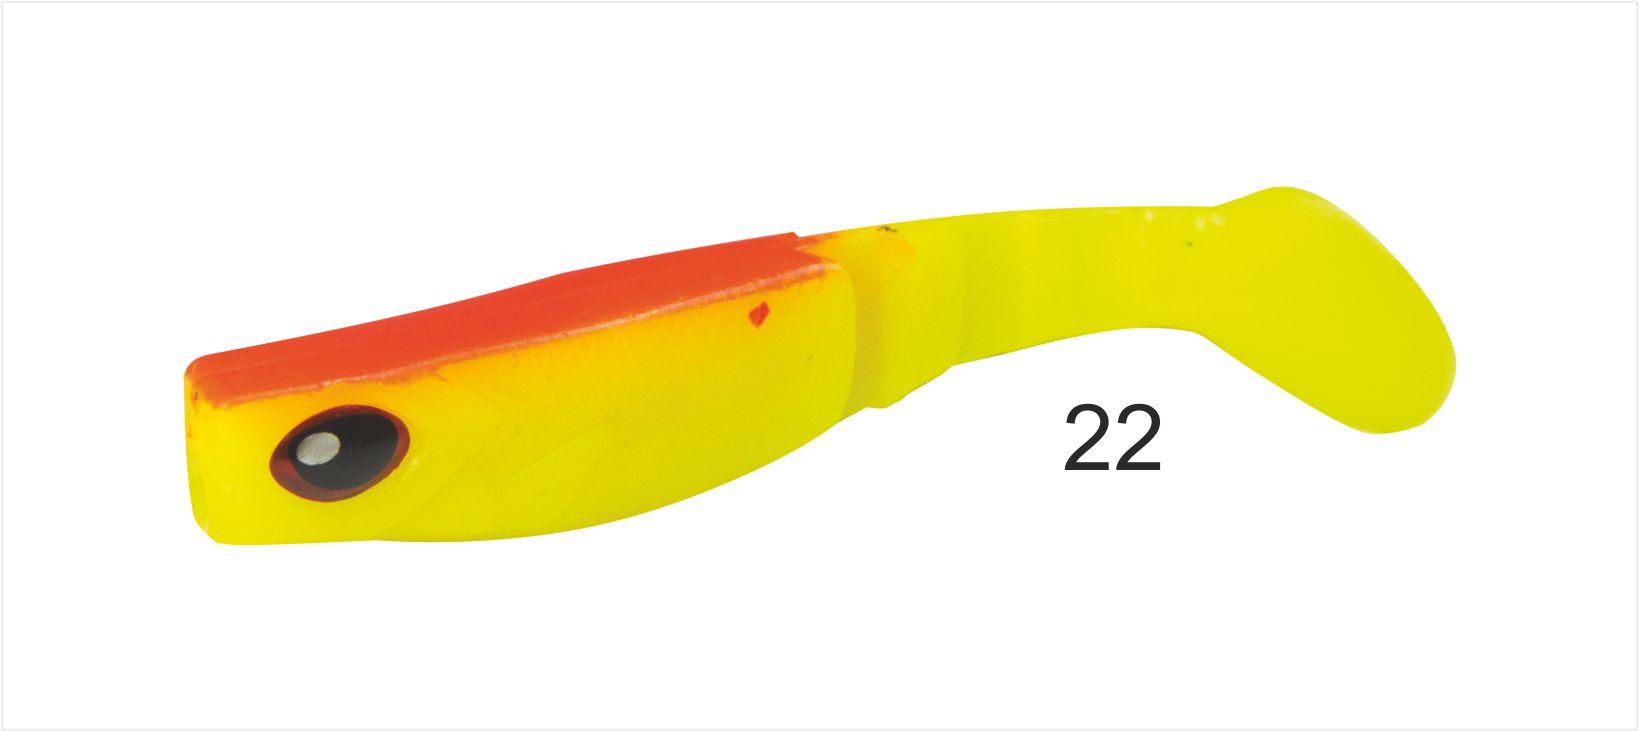 Mistrall gumová nástraha Dominátor 6,5 cm Možnost 22